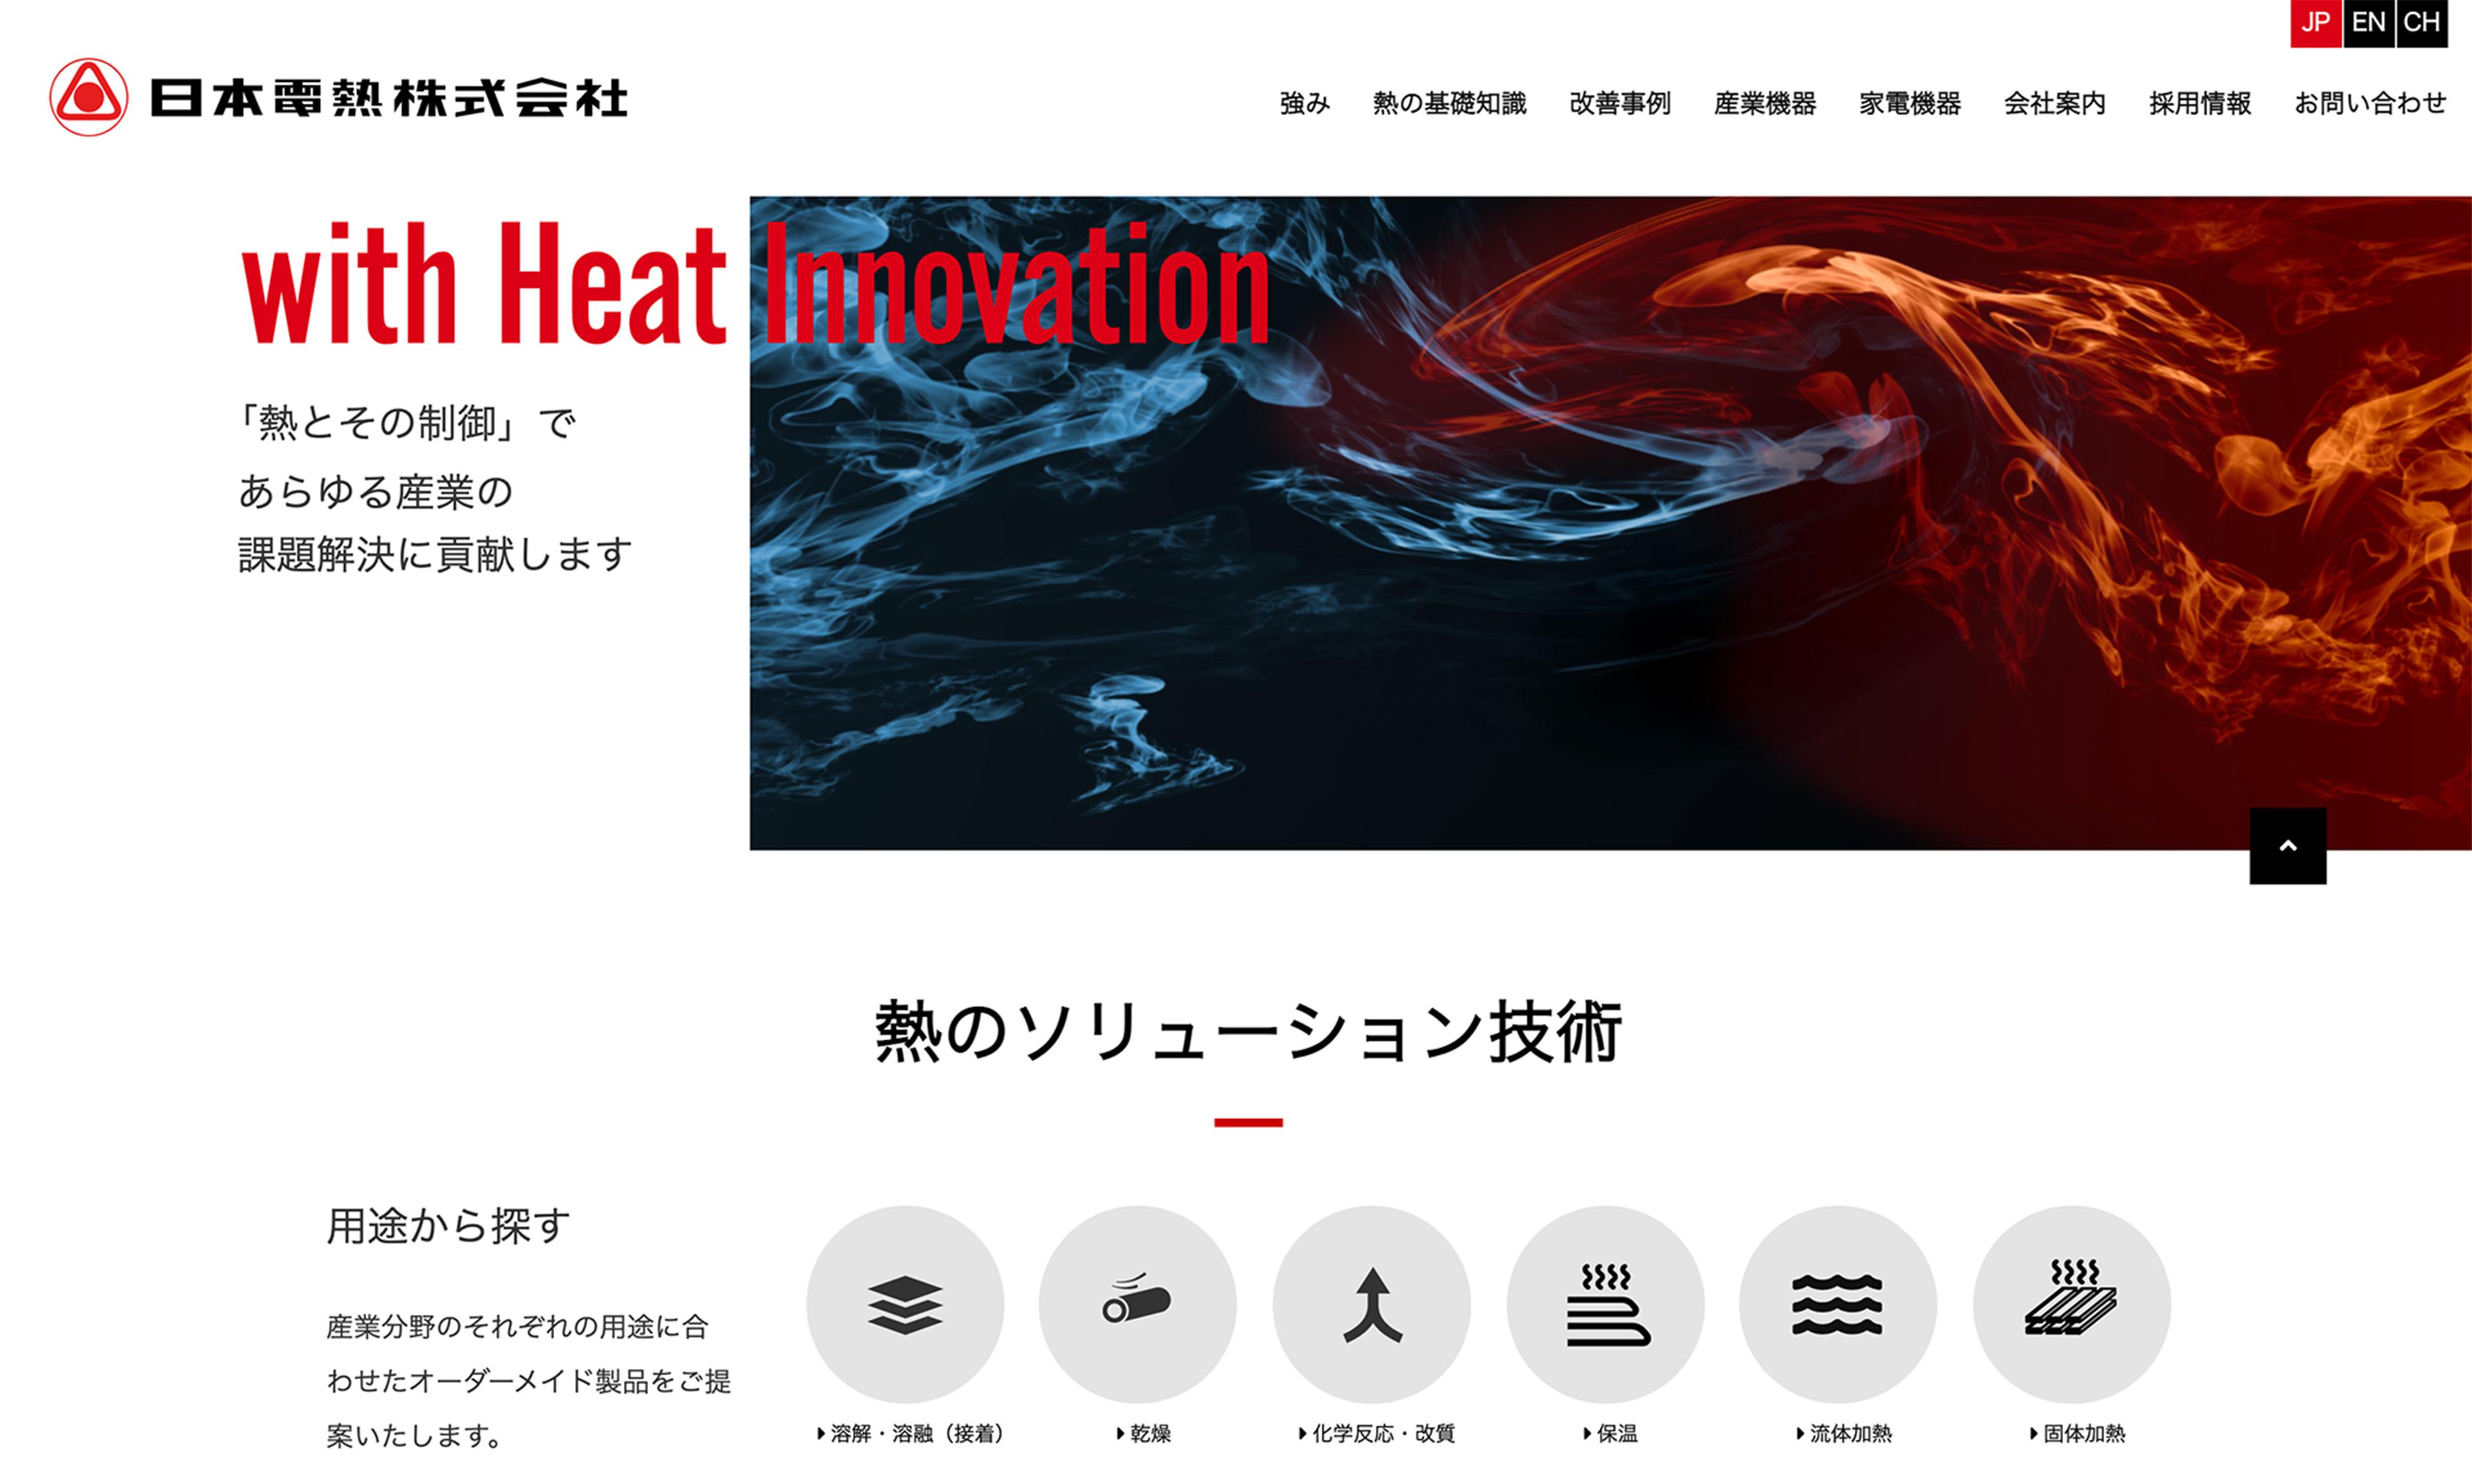 日本電熱様